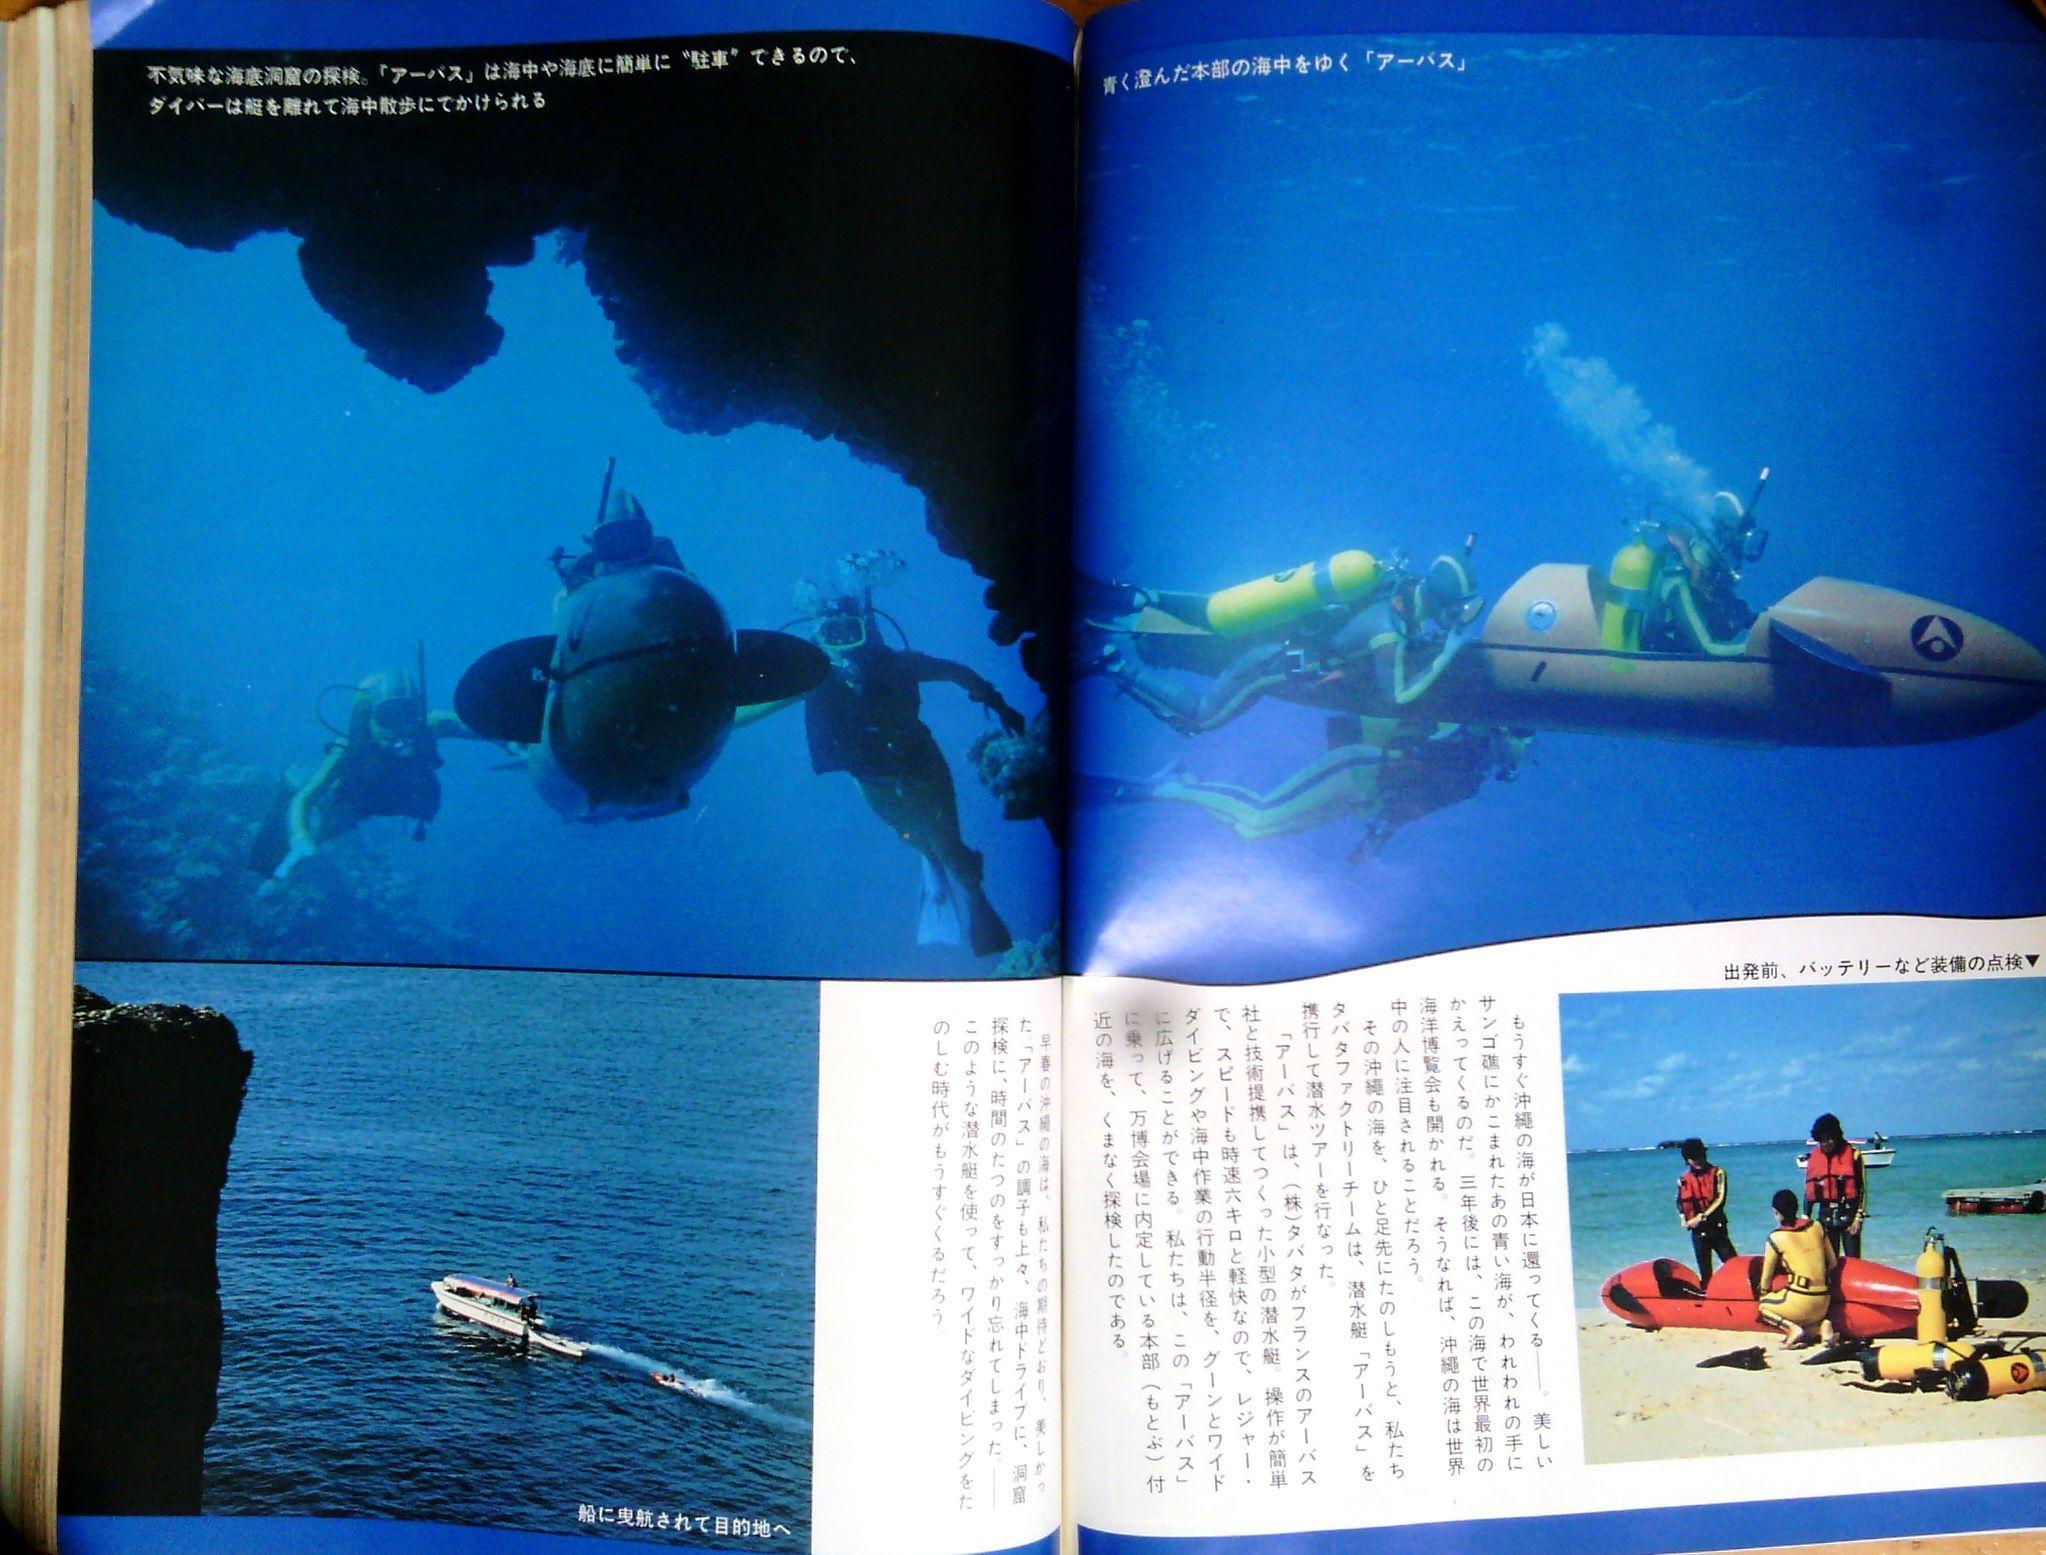 0327  ダイビングの歴史 59 海の世界 1972-04_b0075059_15354884.jpg